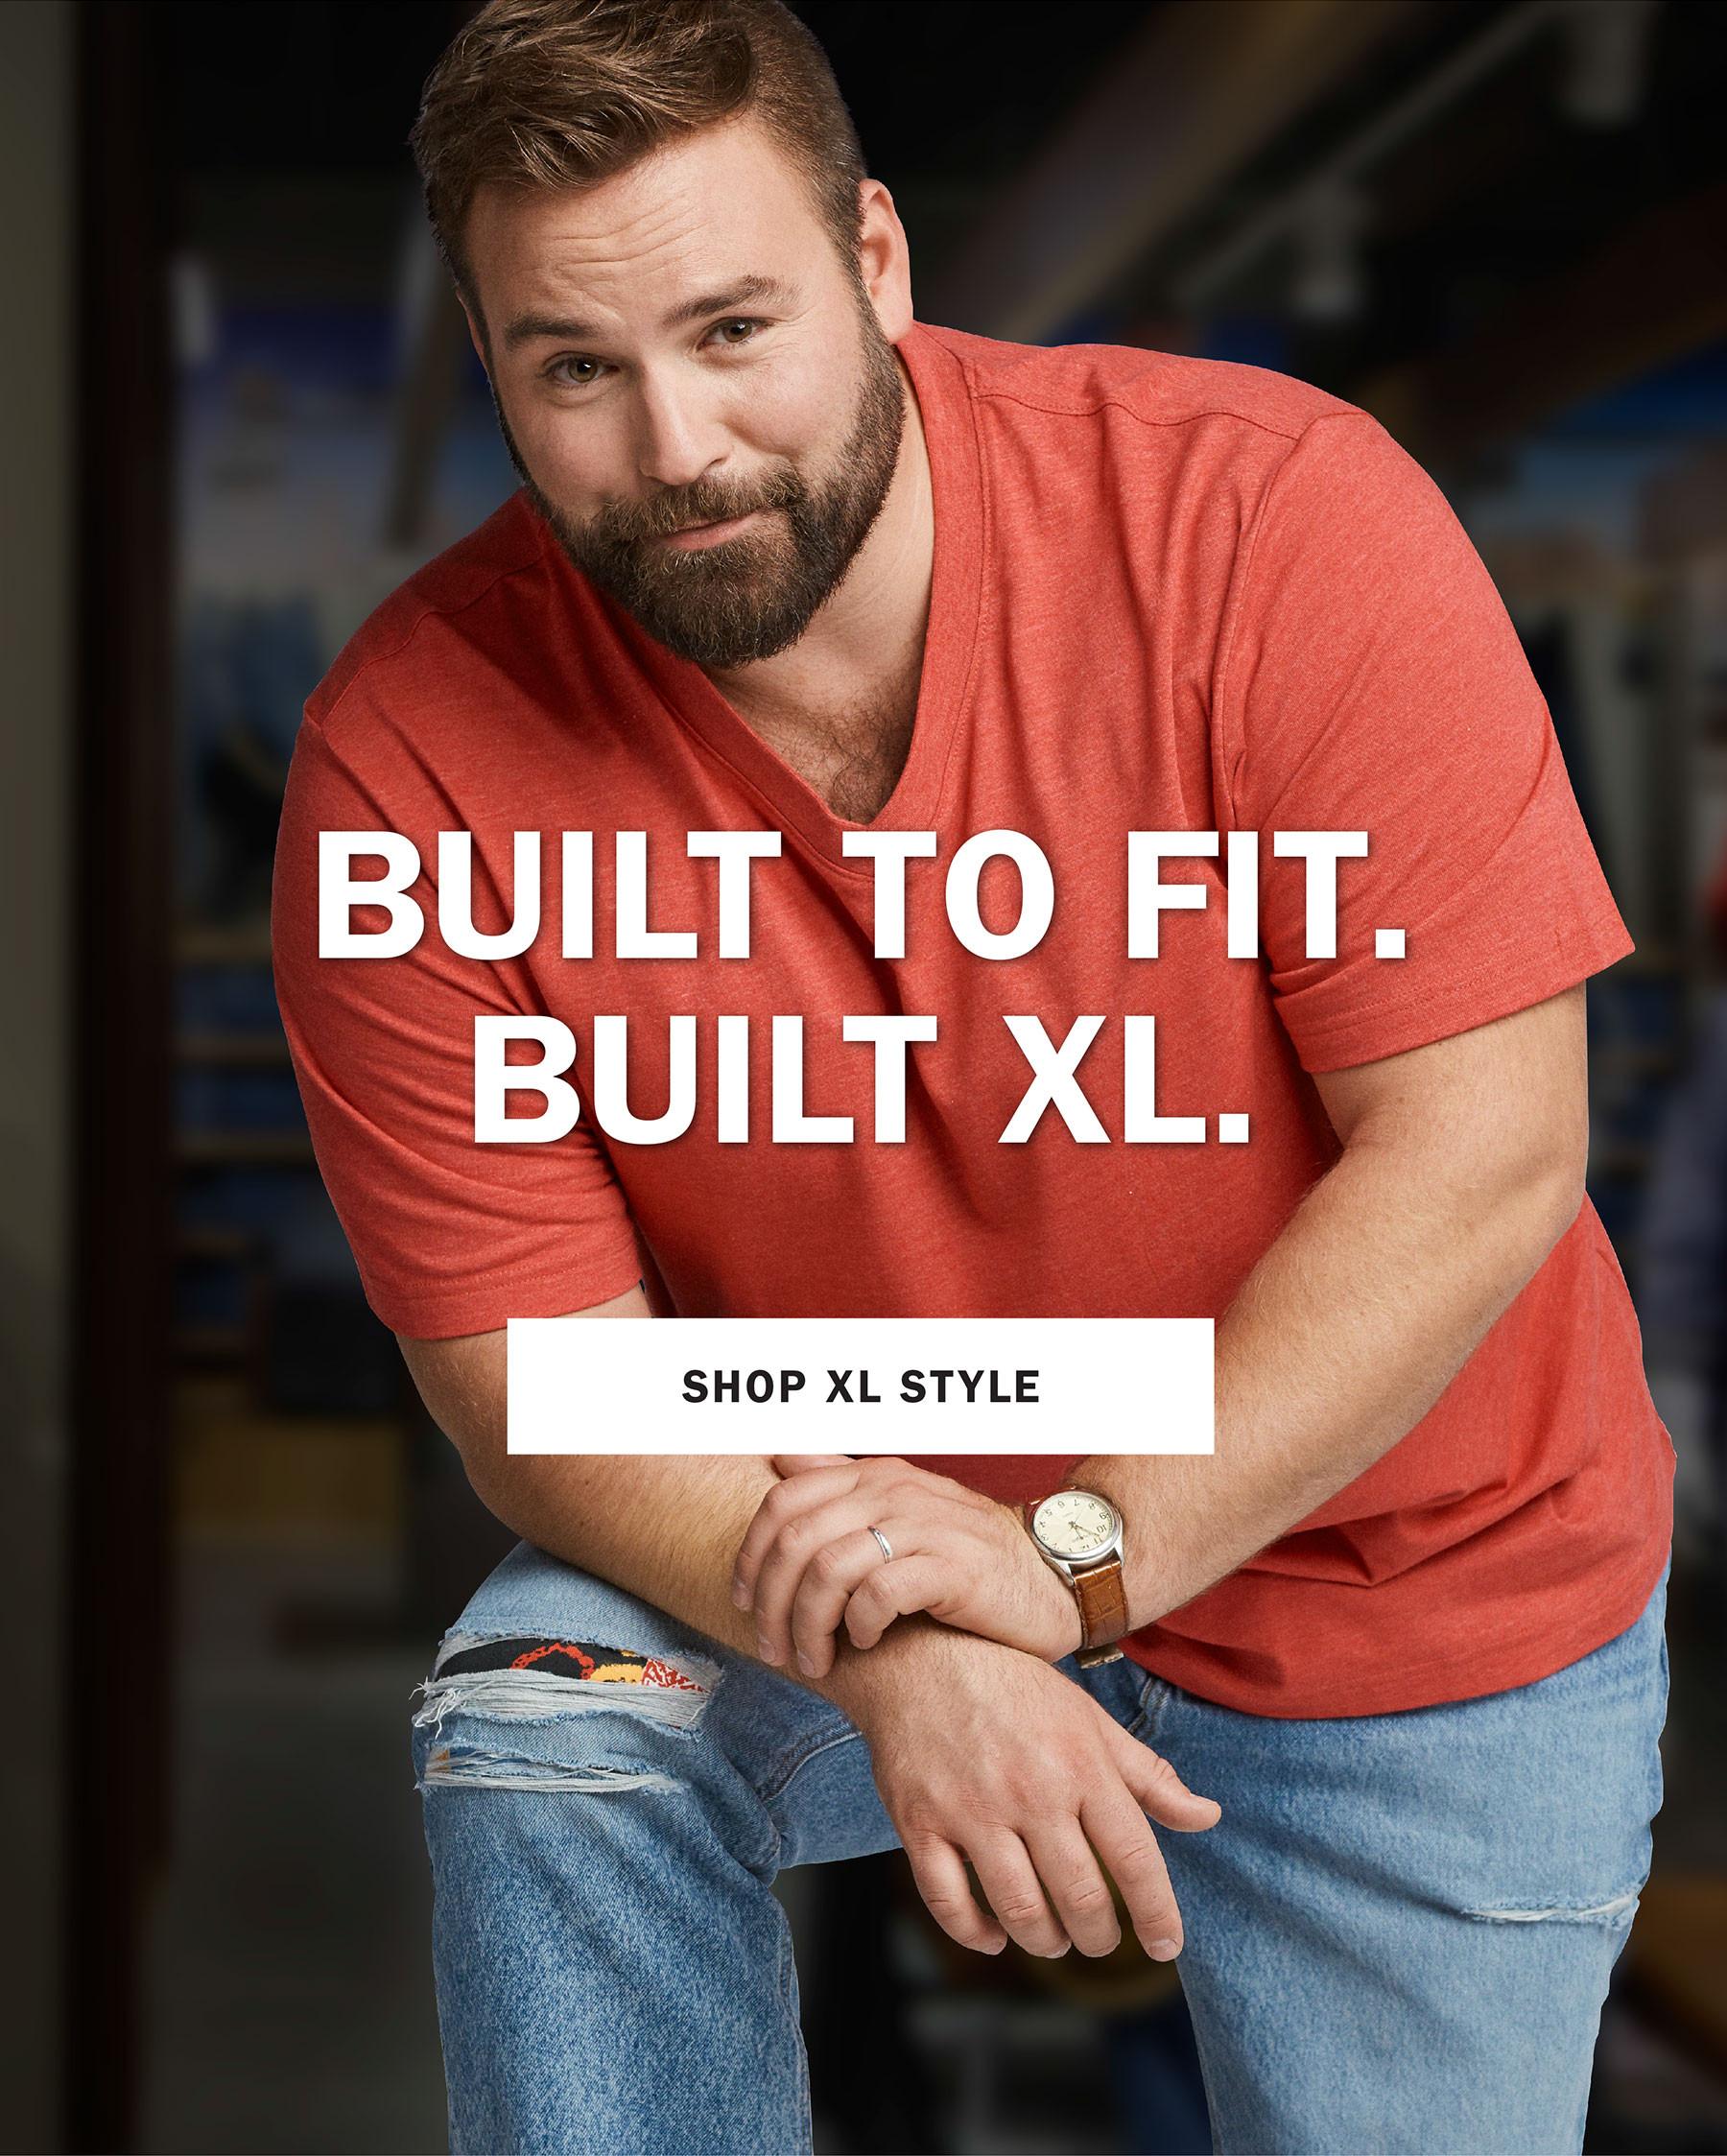 BULIT TO FIT. BUILT XL. | SHOP XL STYLE